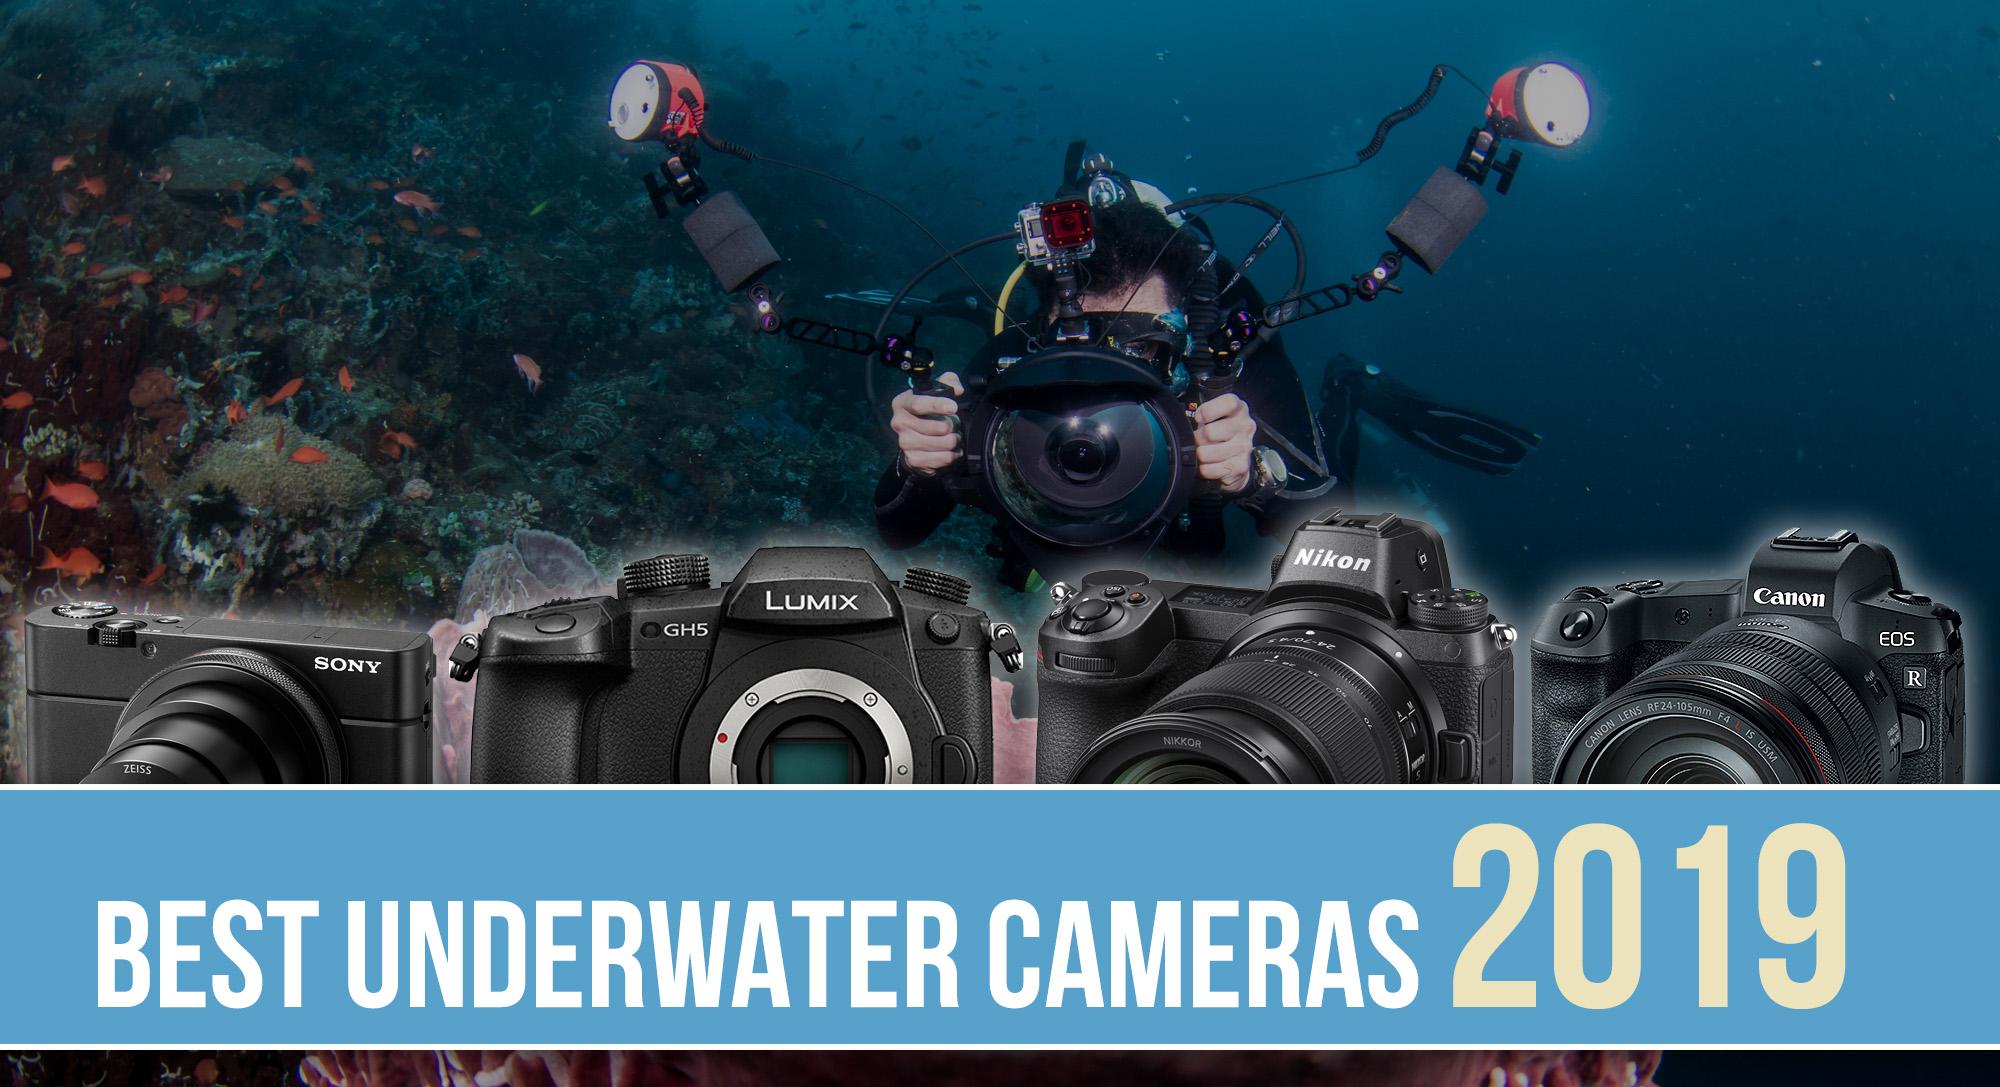 Best underwater cameras 2019